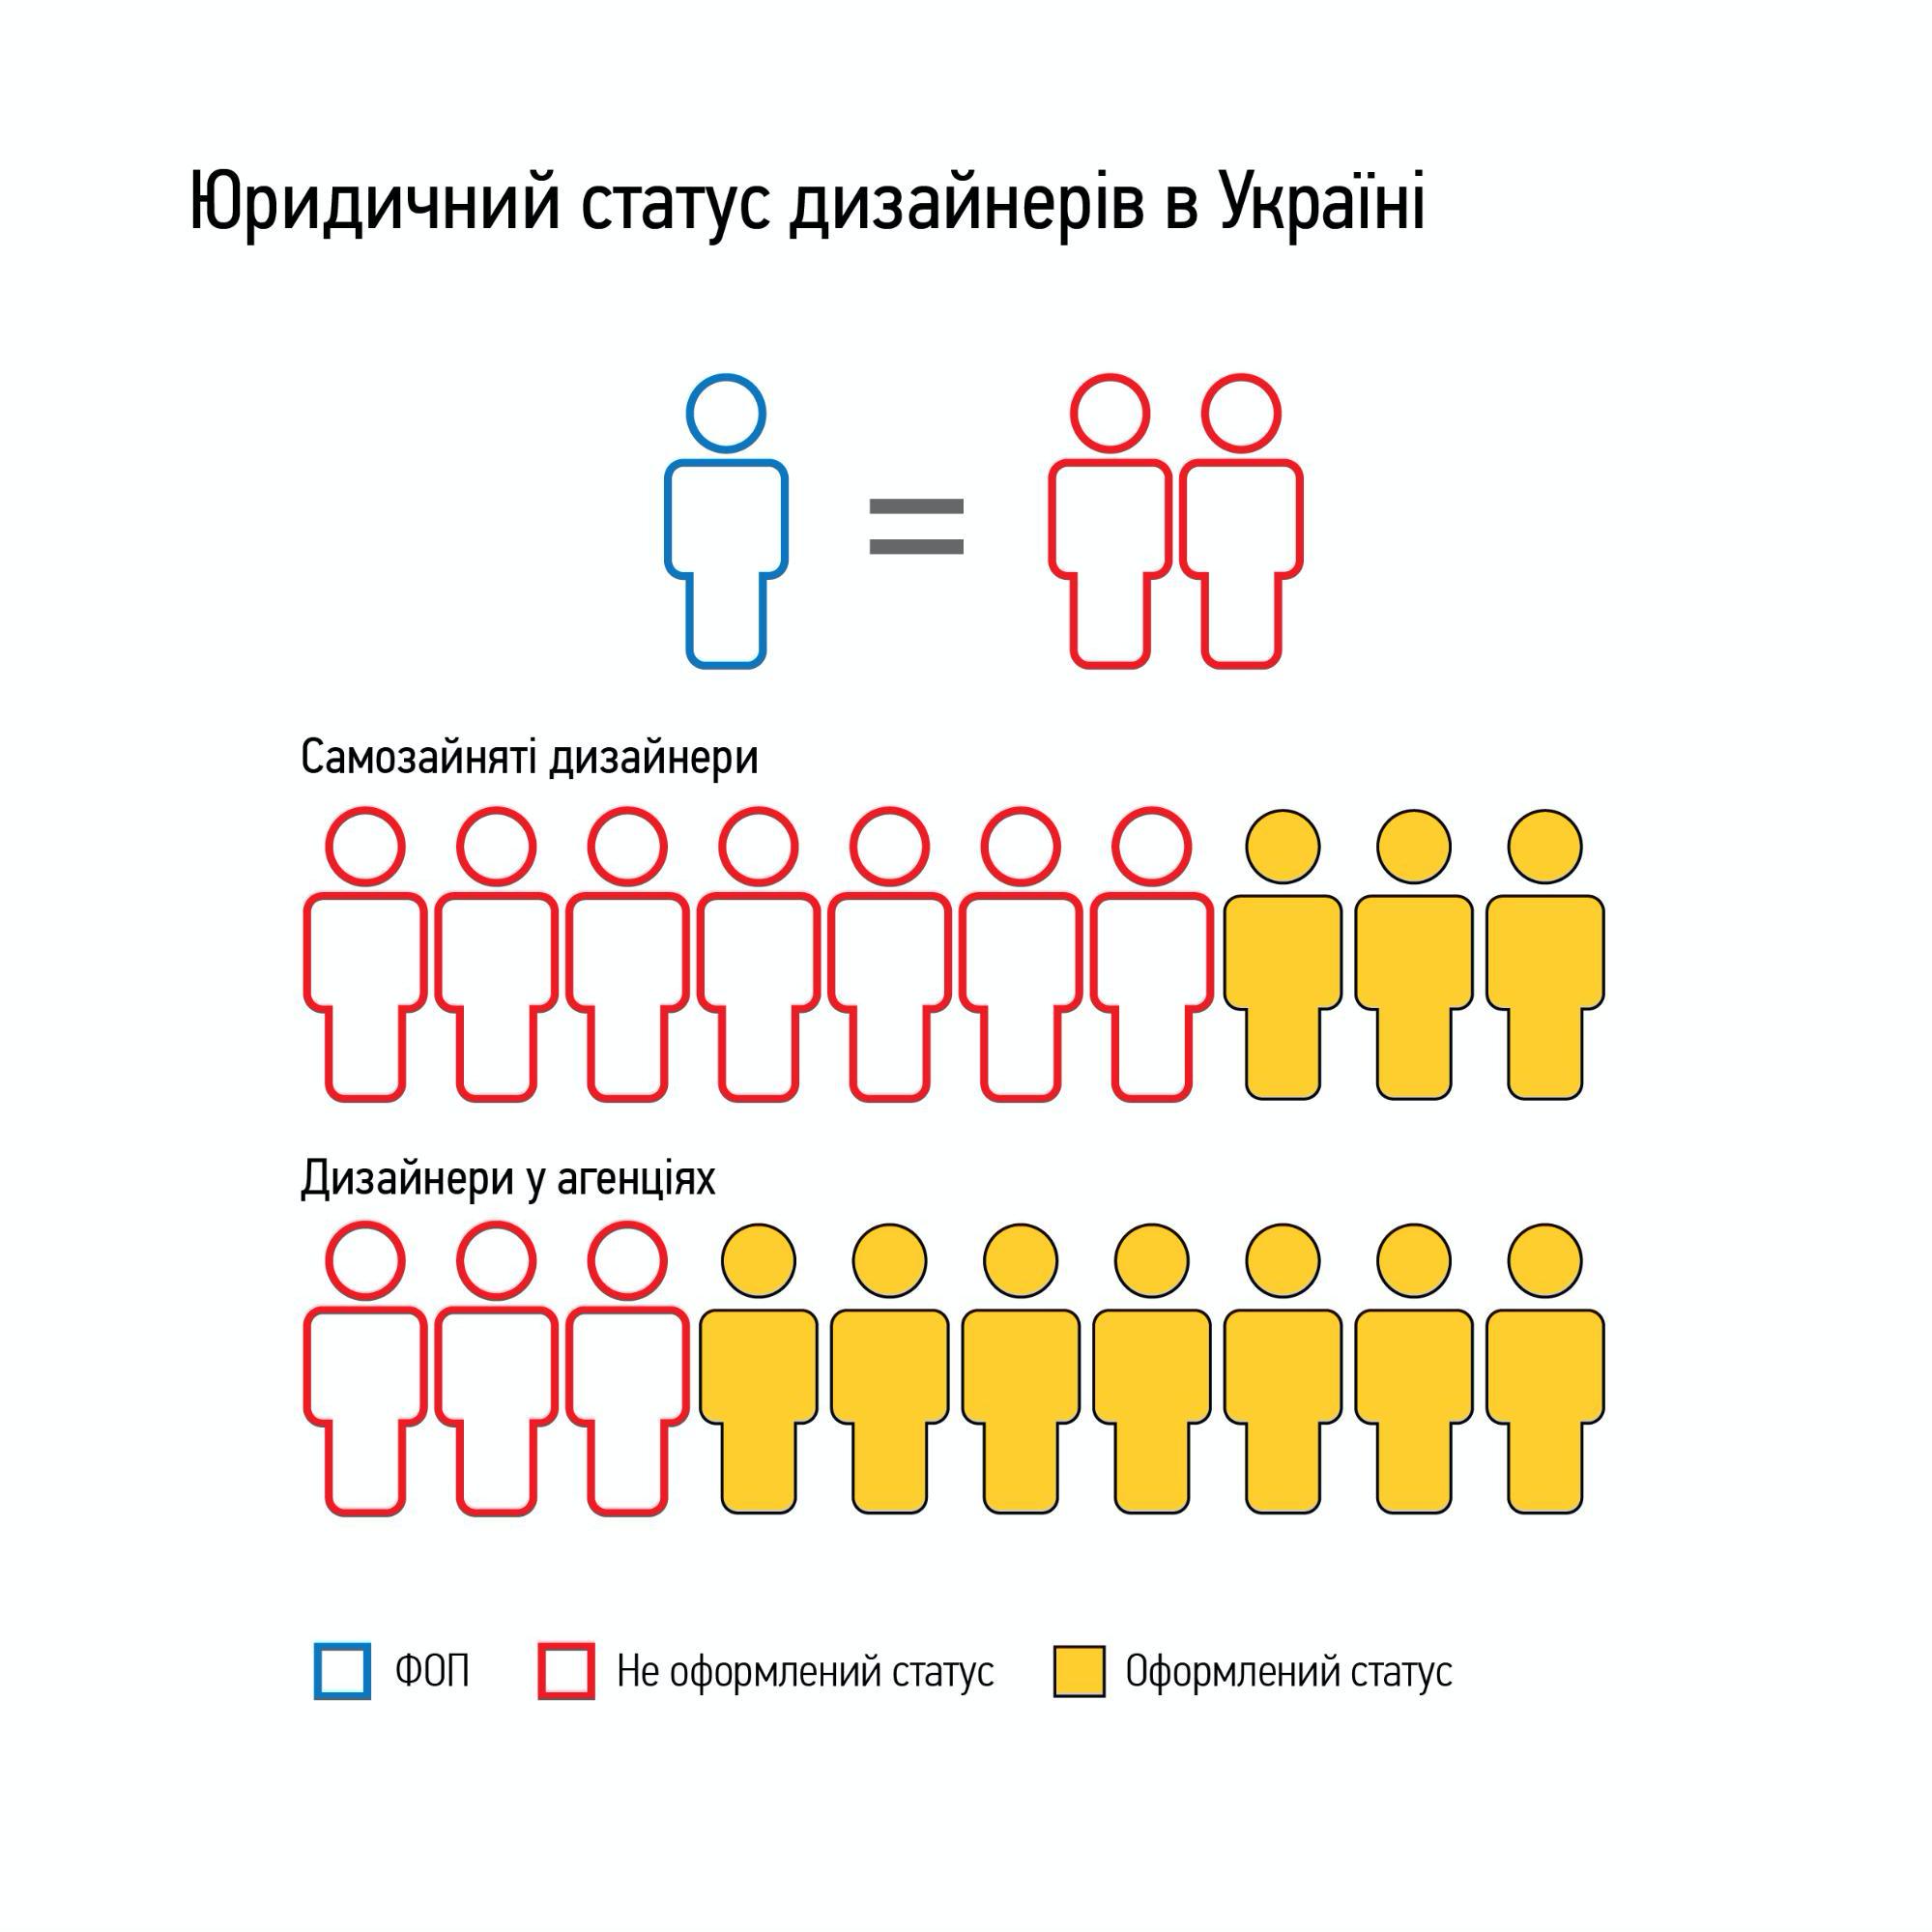 Как работают и сколько получают украинские дизайнеры — исследование